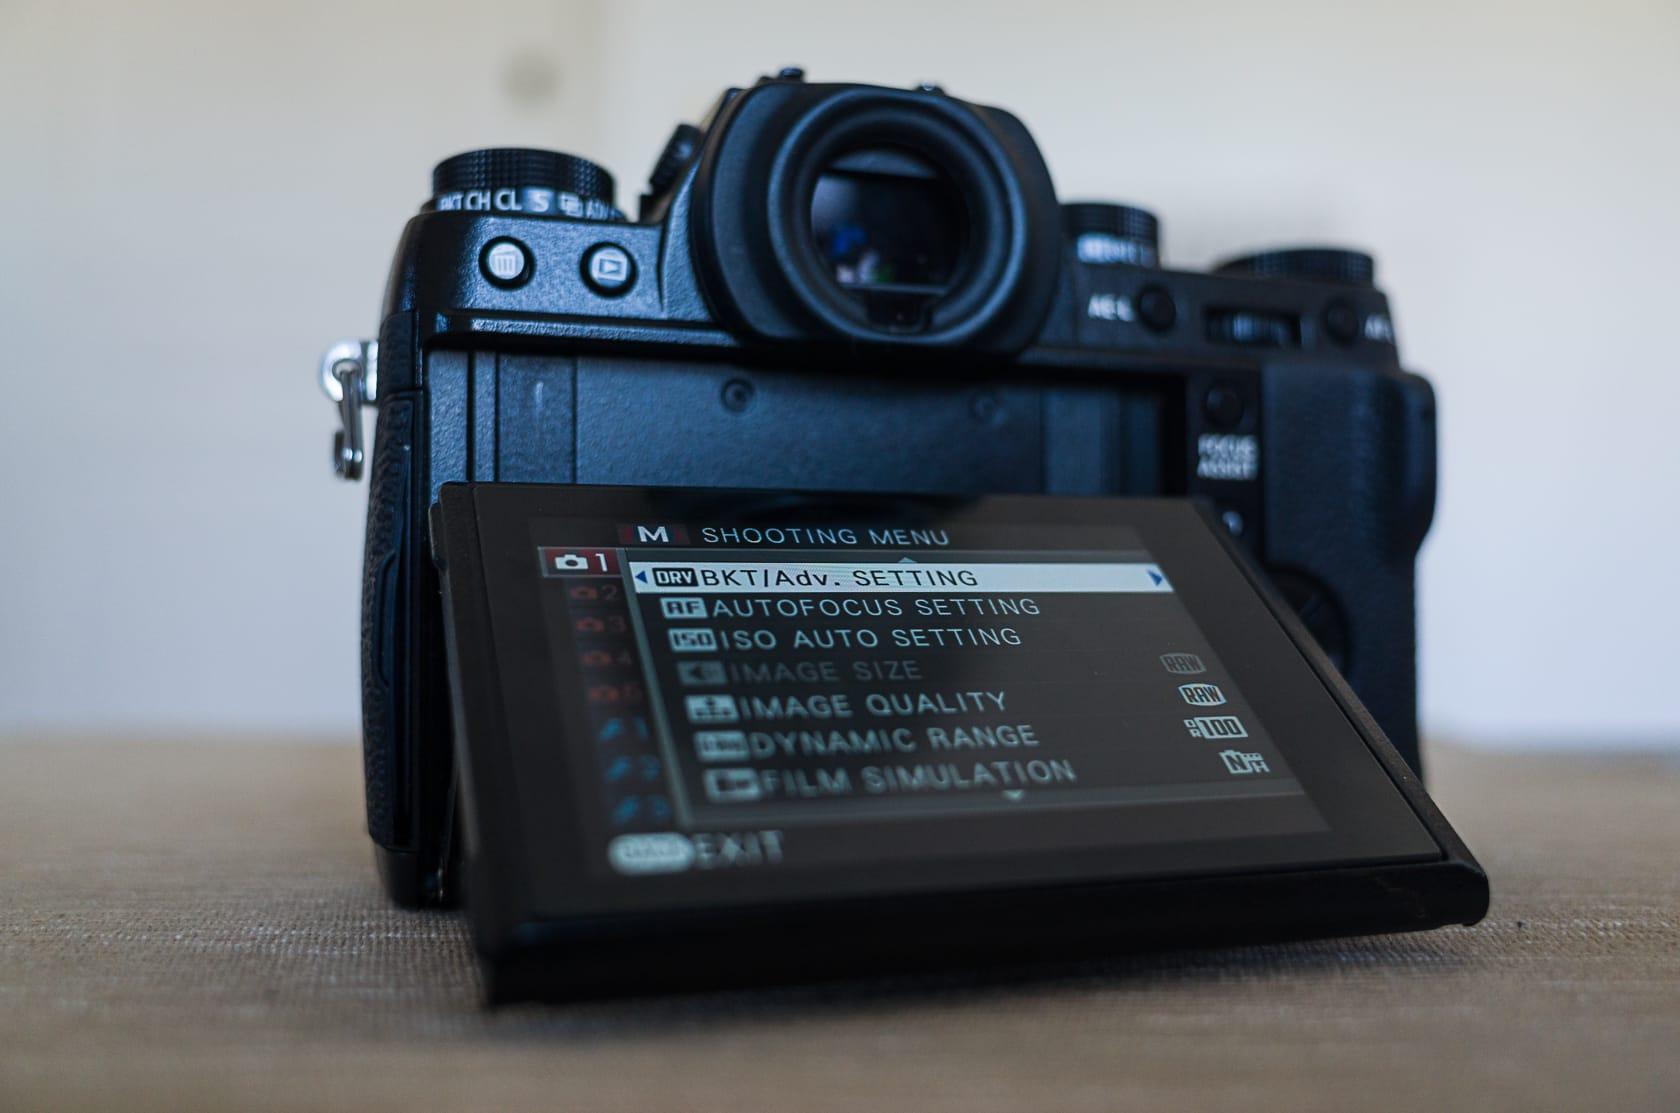 Fujifilm X-T1 Features